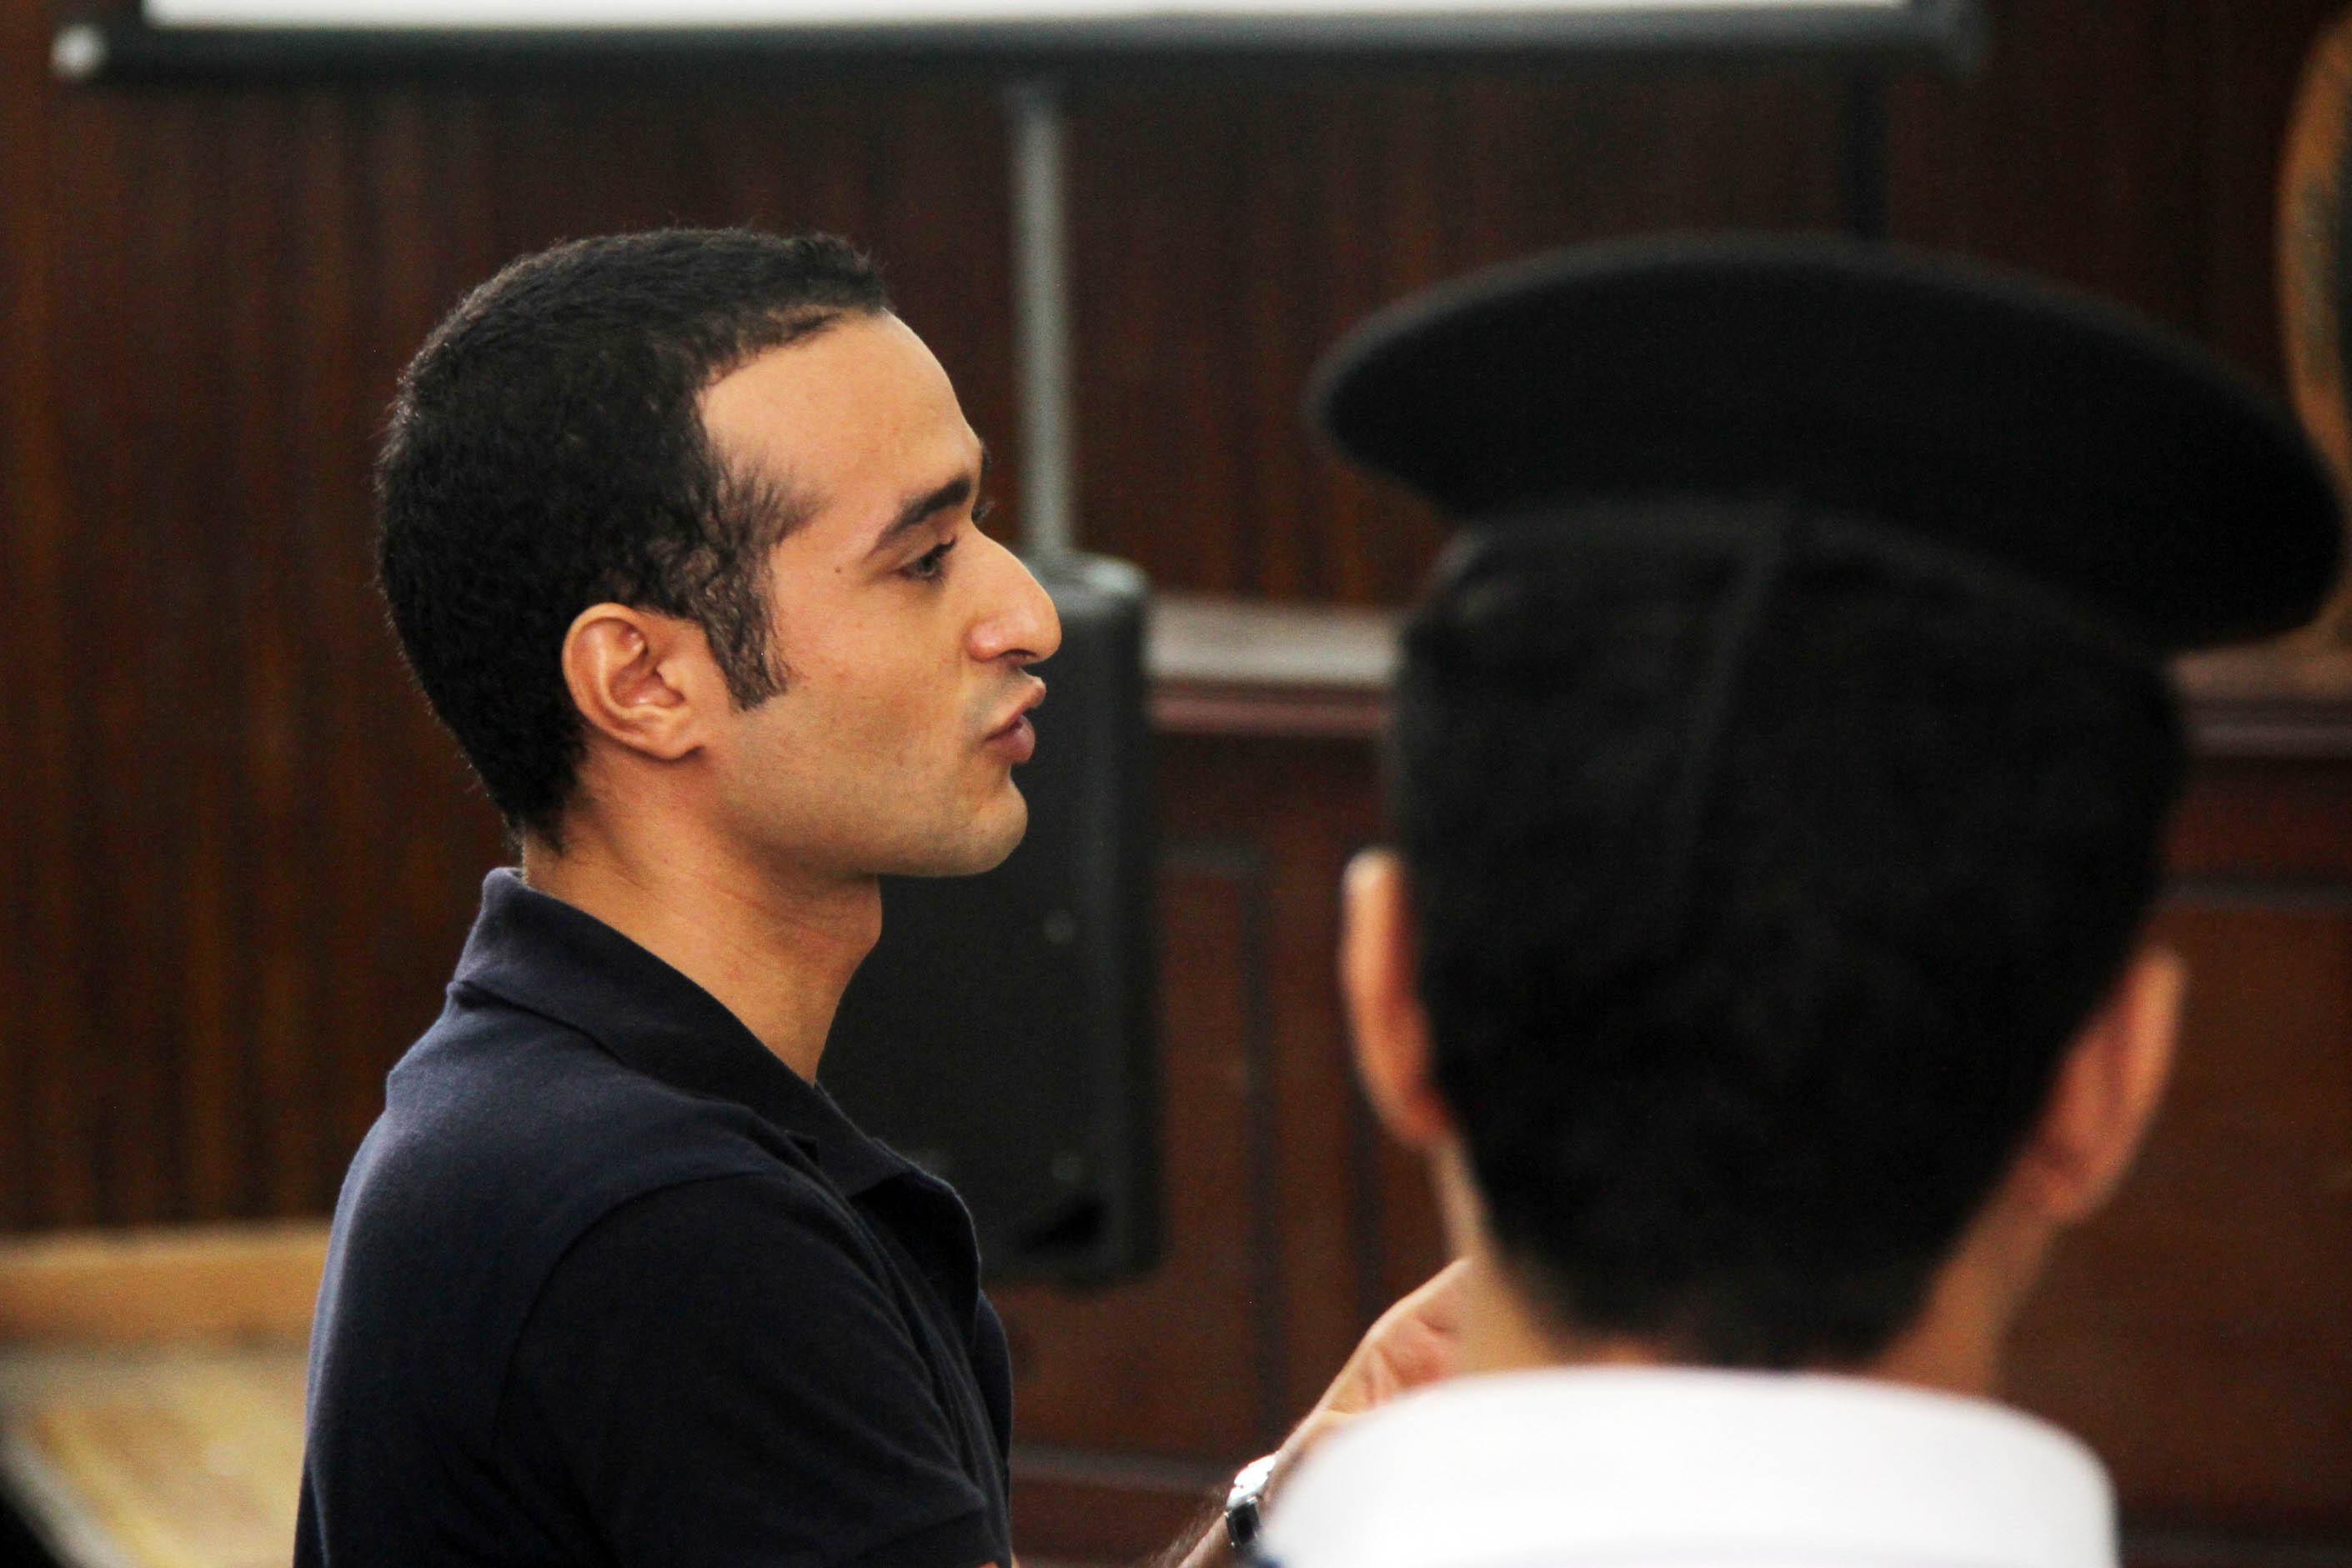 حبس أحمد دومة 15 عاما في أحداث مجلس الوزراء